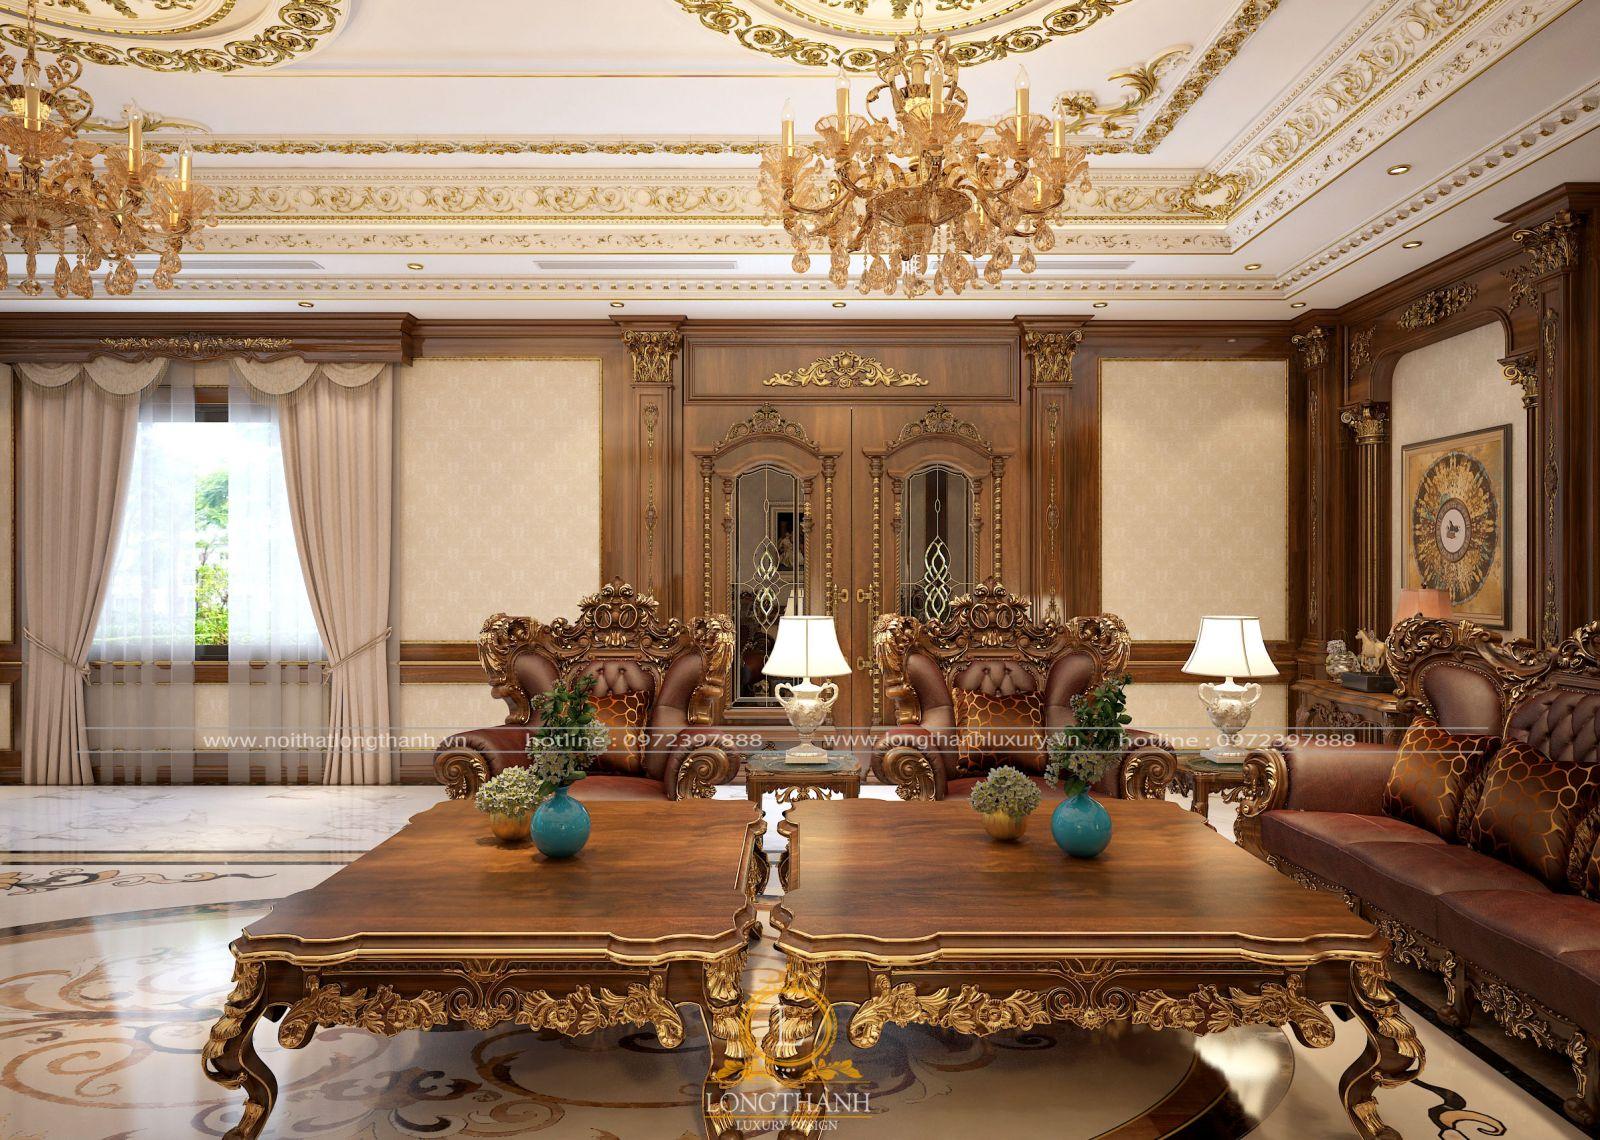 Bộ ghế sofa tân cổ điển đem đến không gian sự đẳng cấp và quý tộc